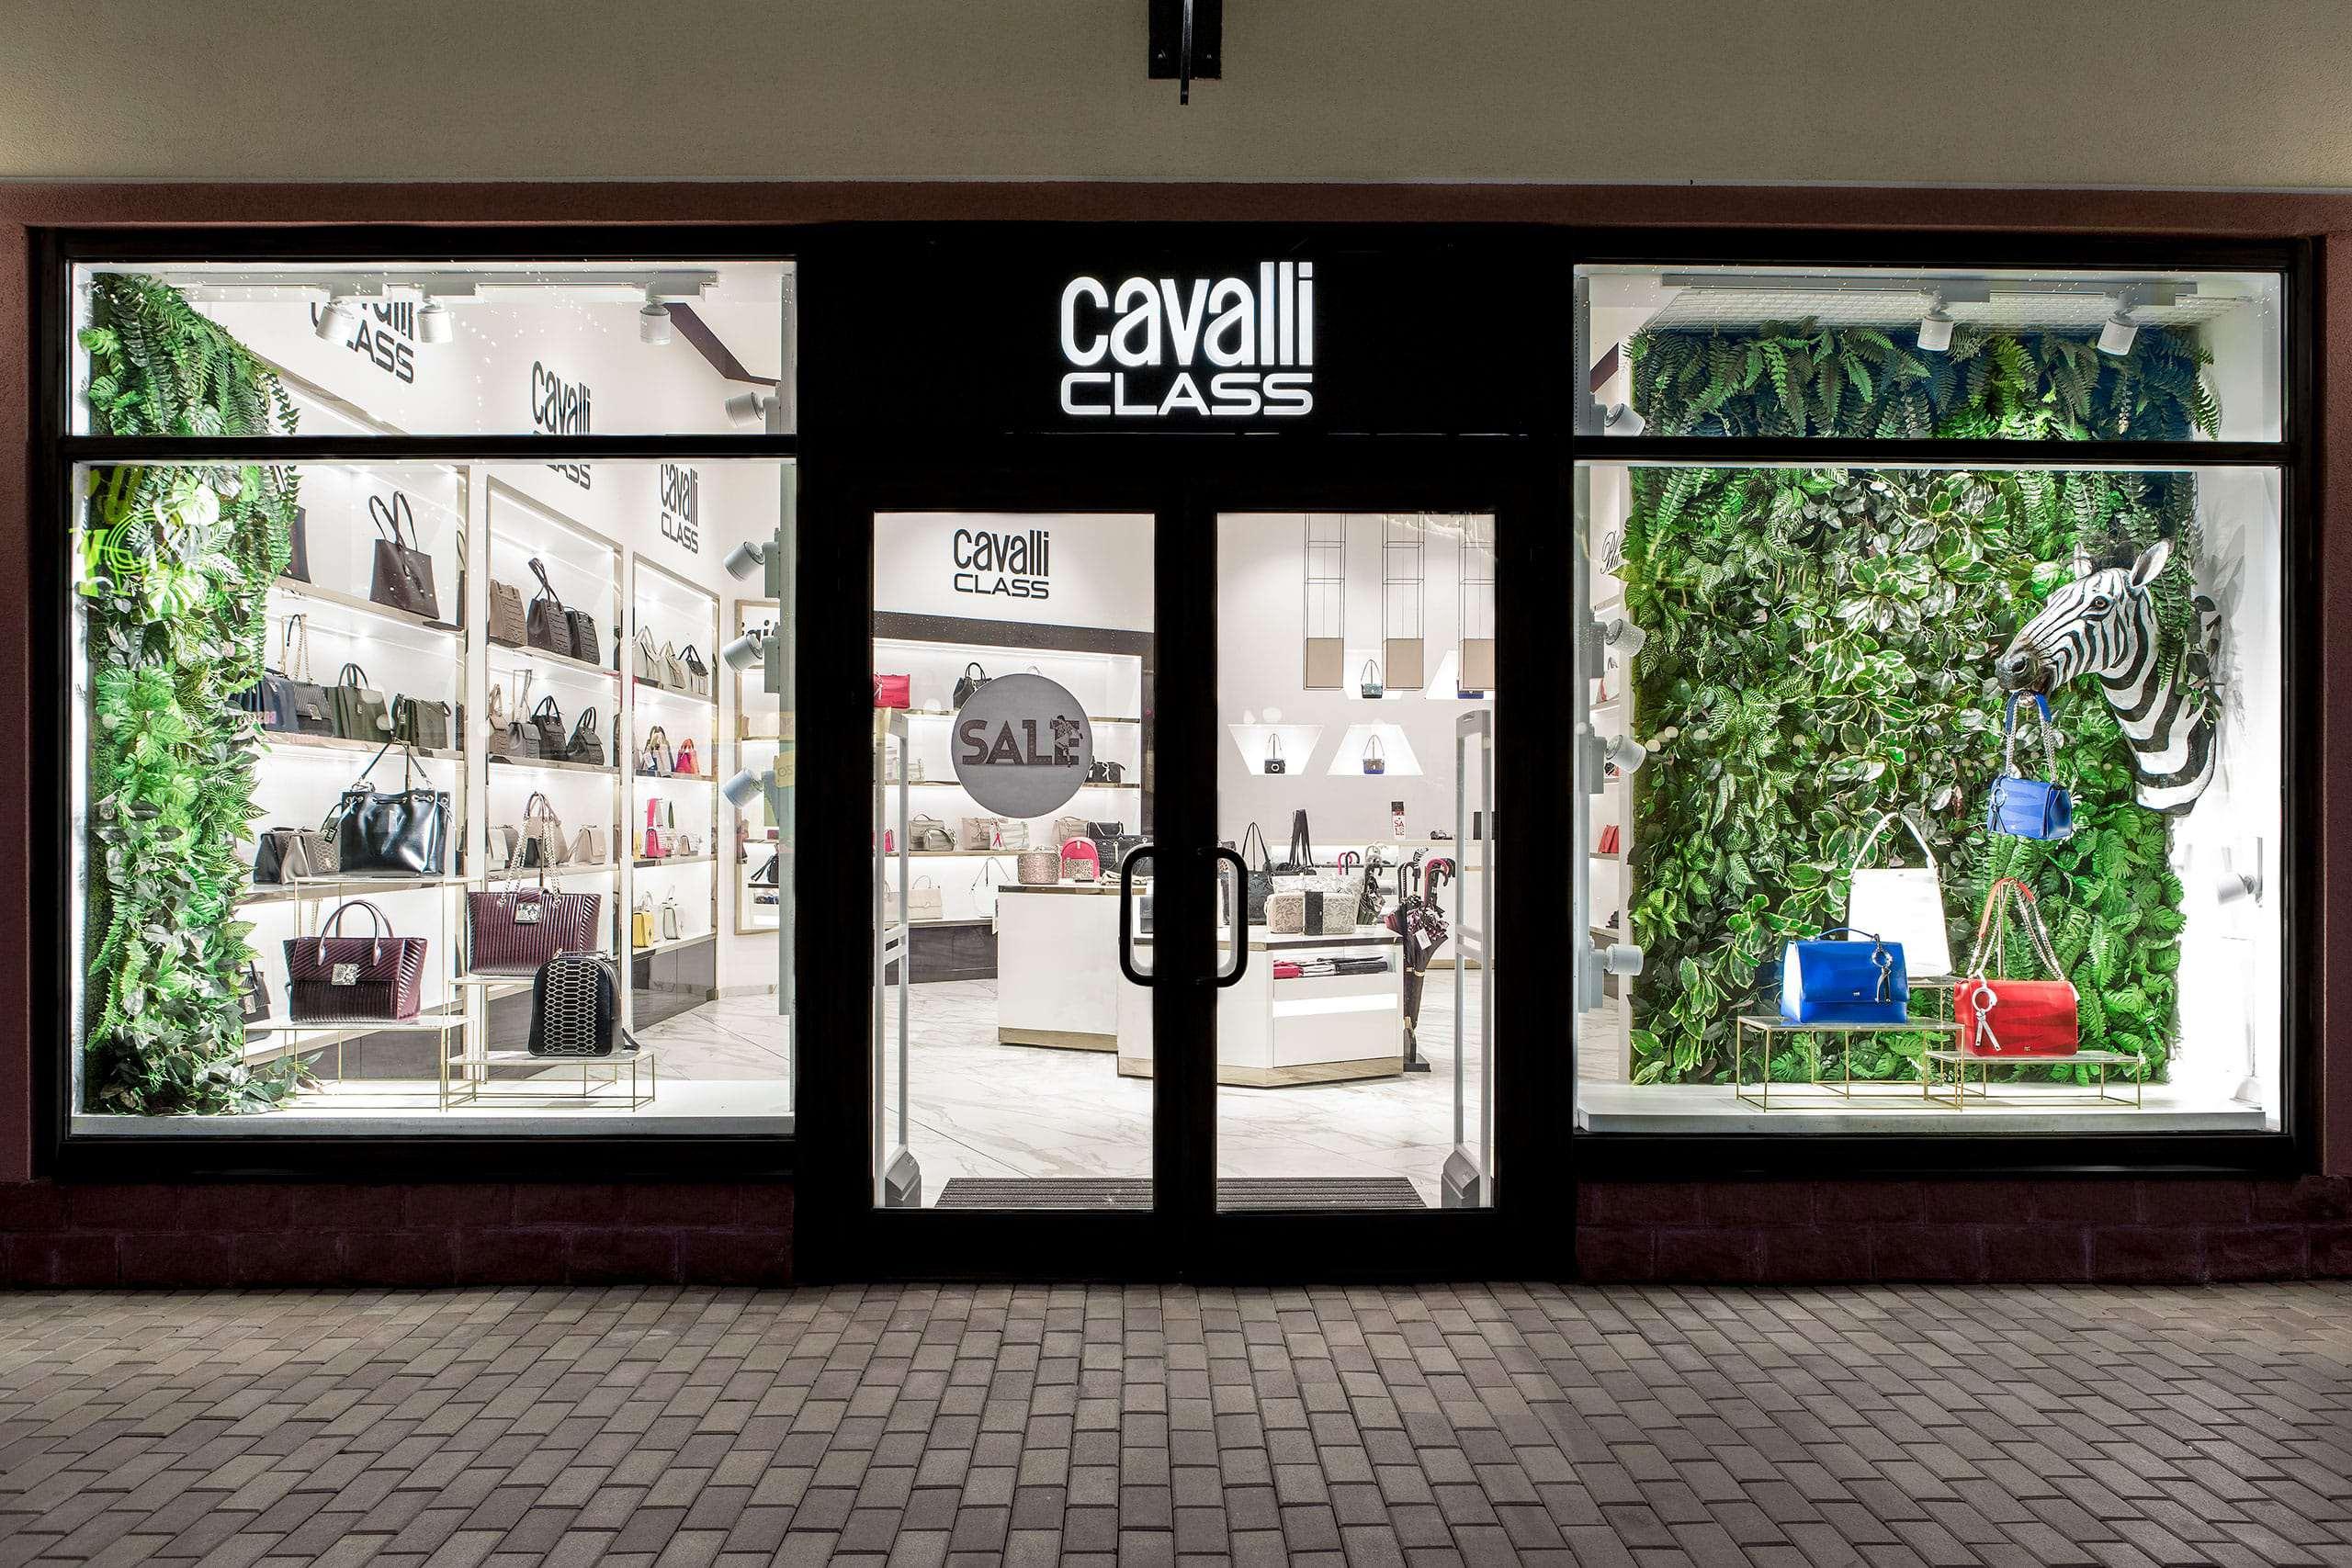 CAVALLI CLASS — первый магазин Cavalli Class в России